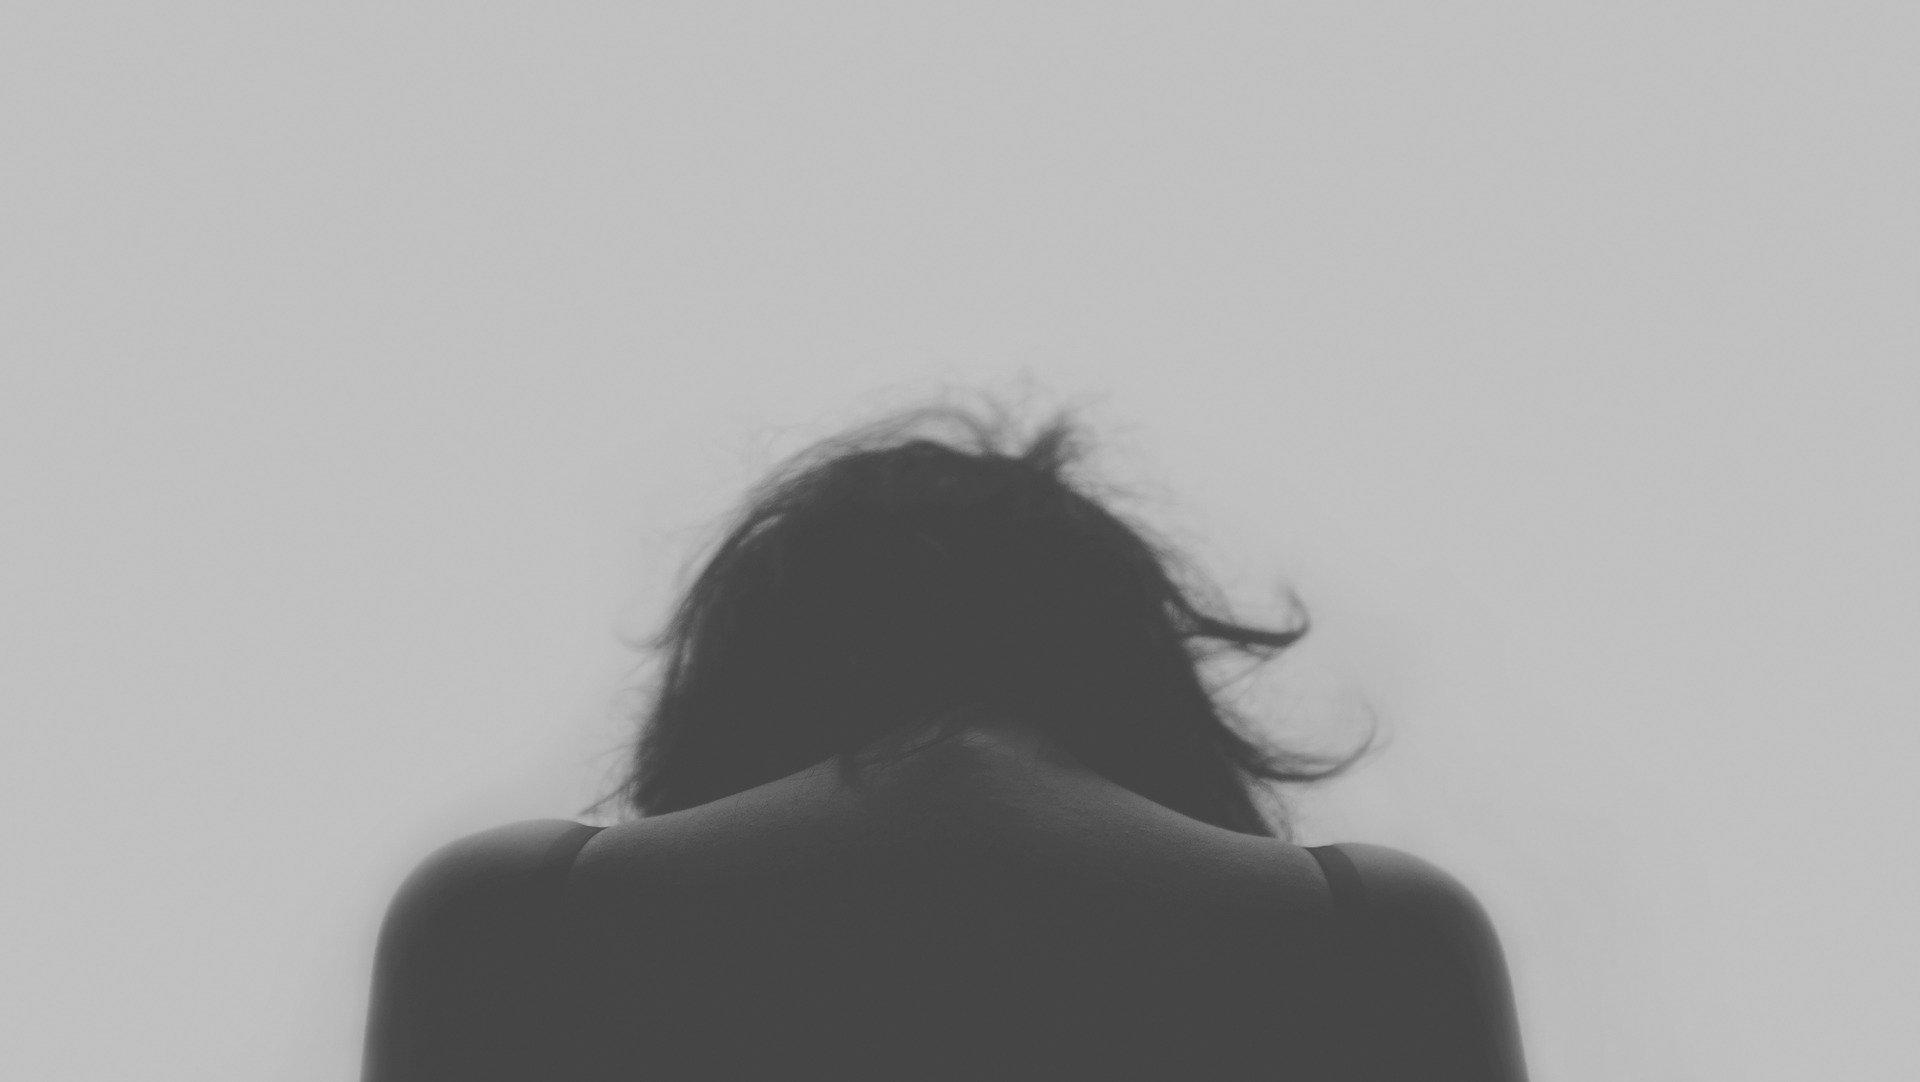 Combate ao suicídio e os cuidados em tempos de pandemia